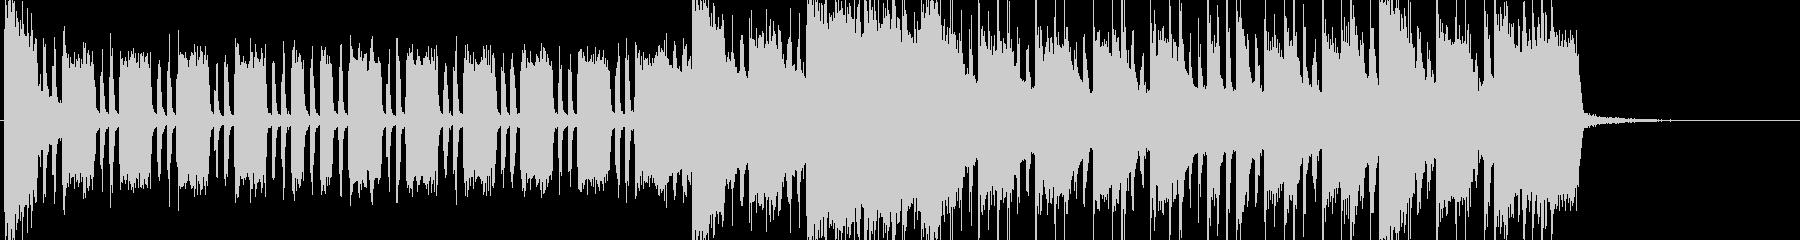 エレキギターのシャッフルロックの未再生の波形